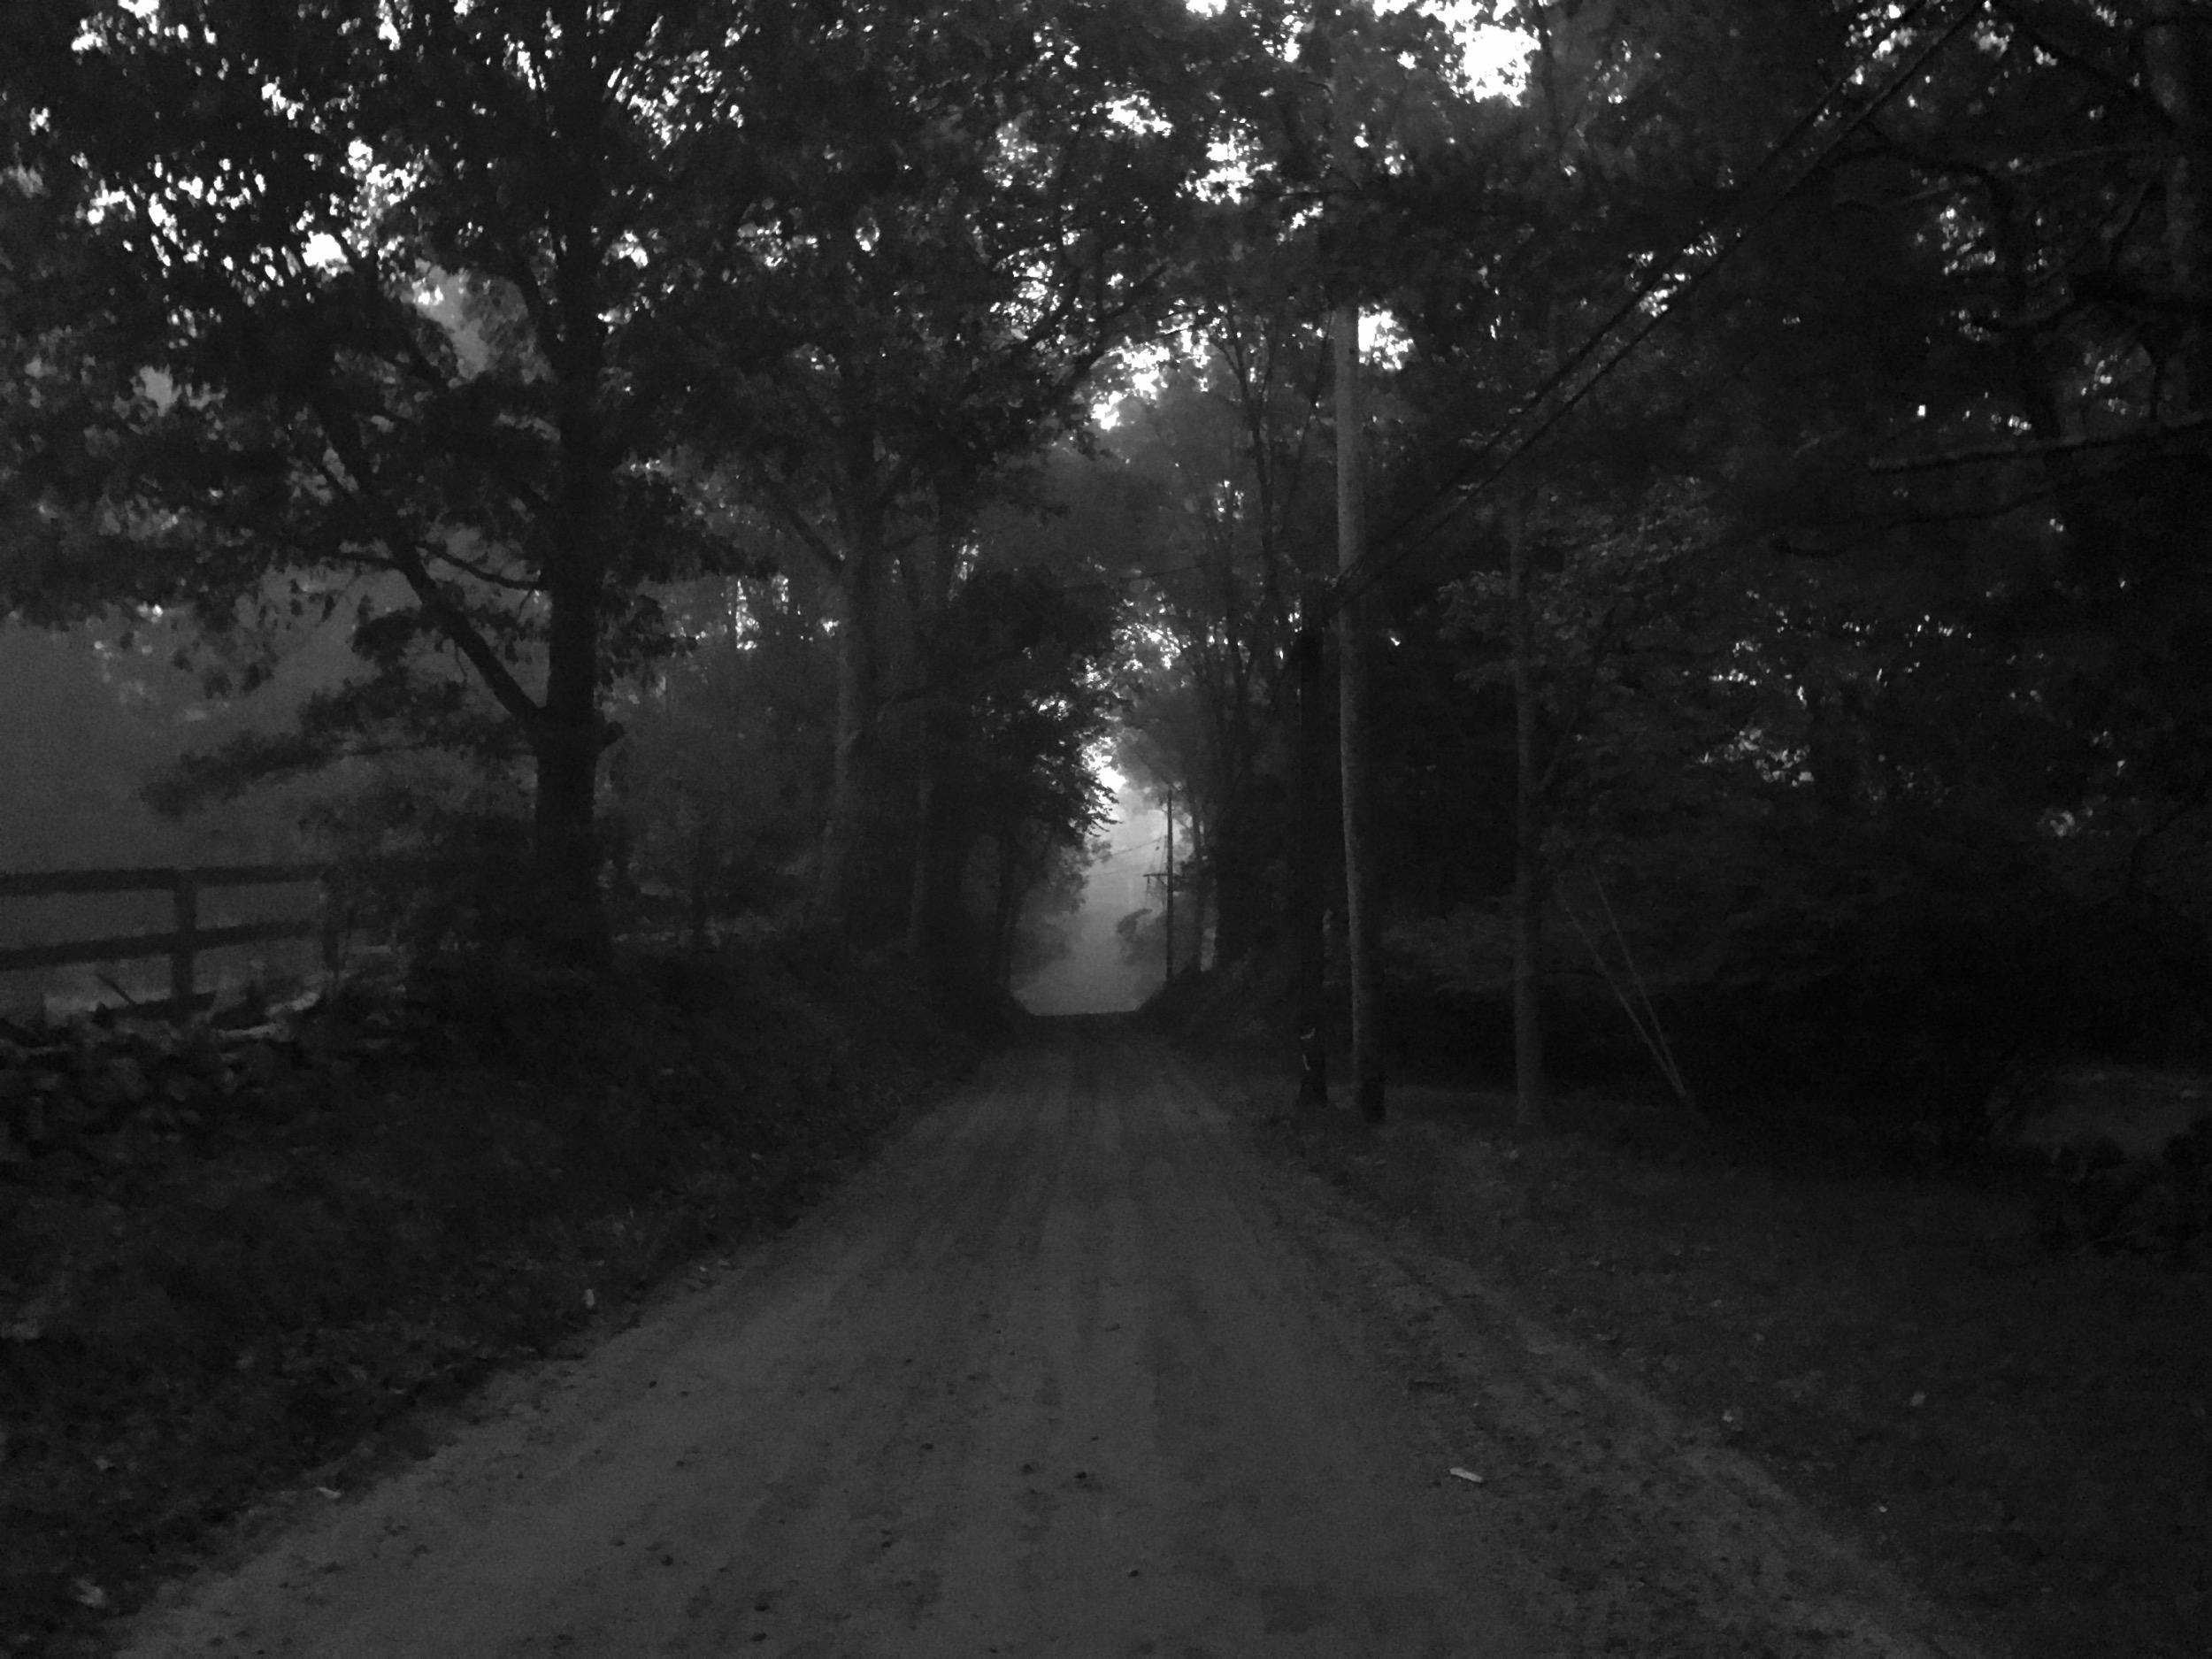 Black Brook Road, Pound Ridge, NY :: 2016